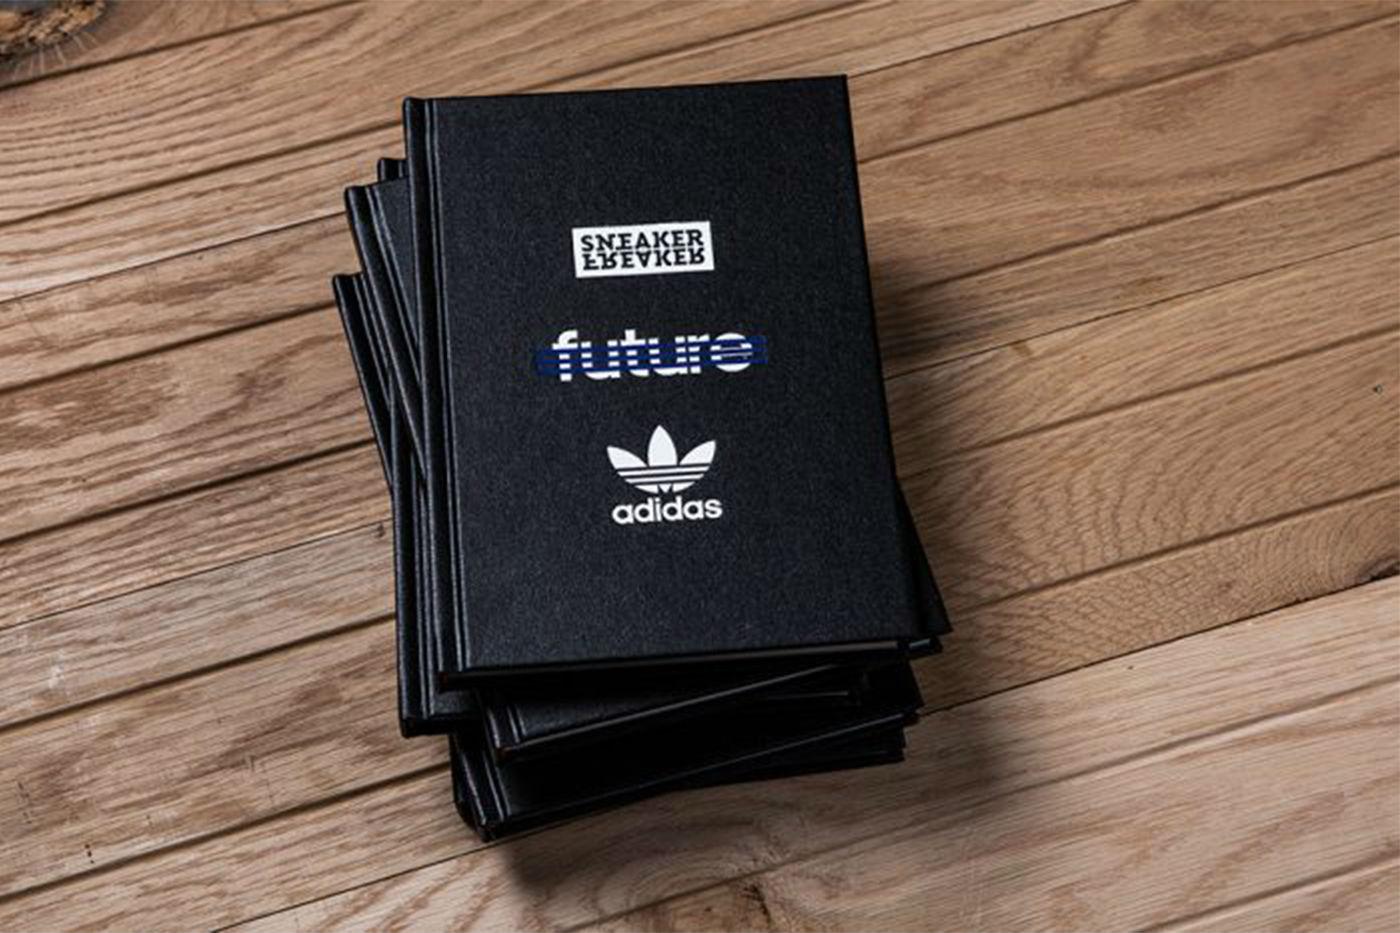 Sneaker Freaker x Adidas